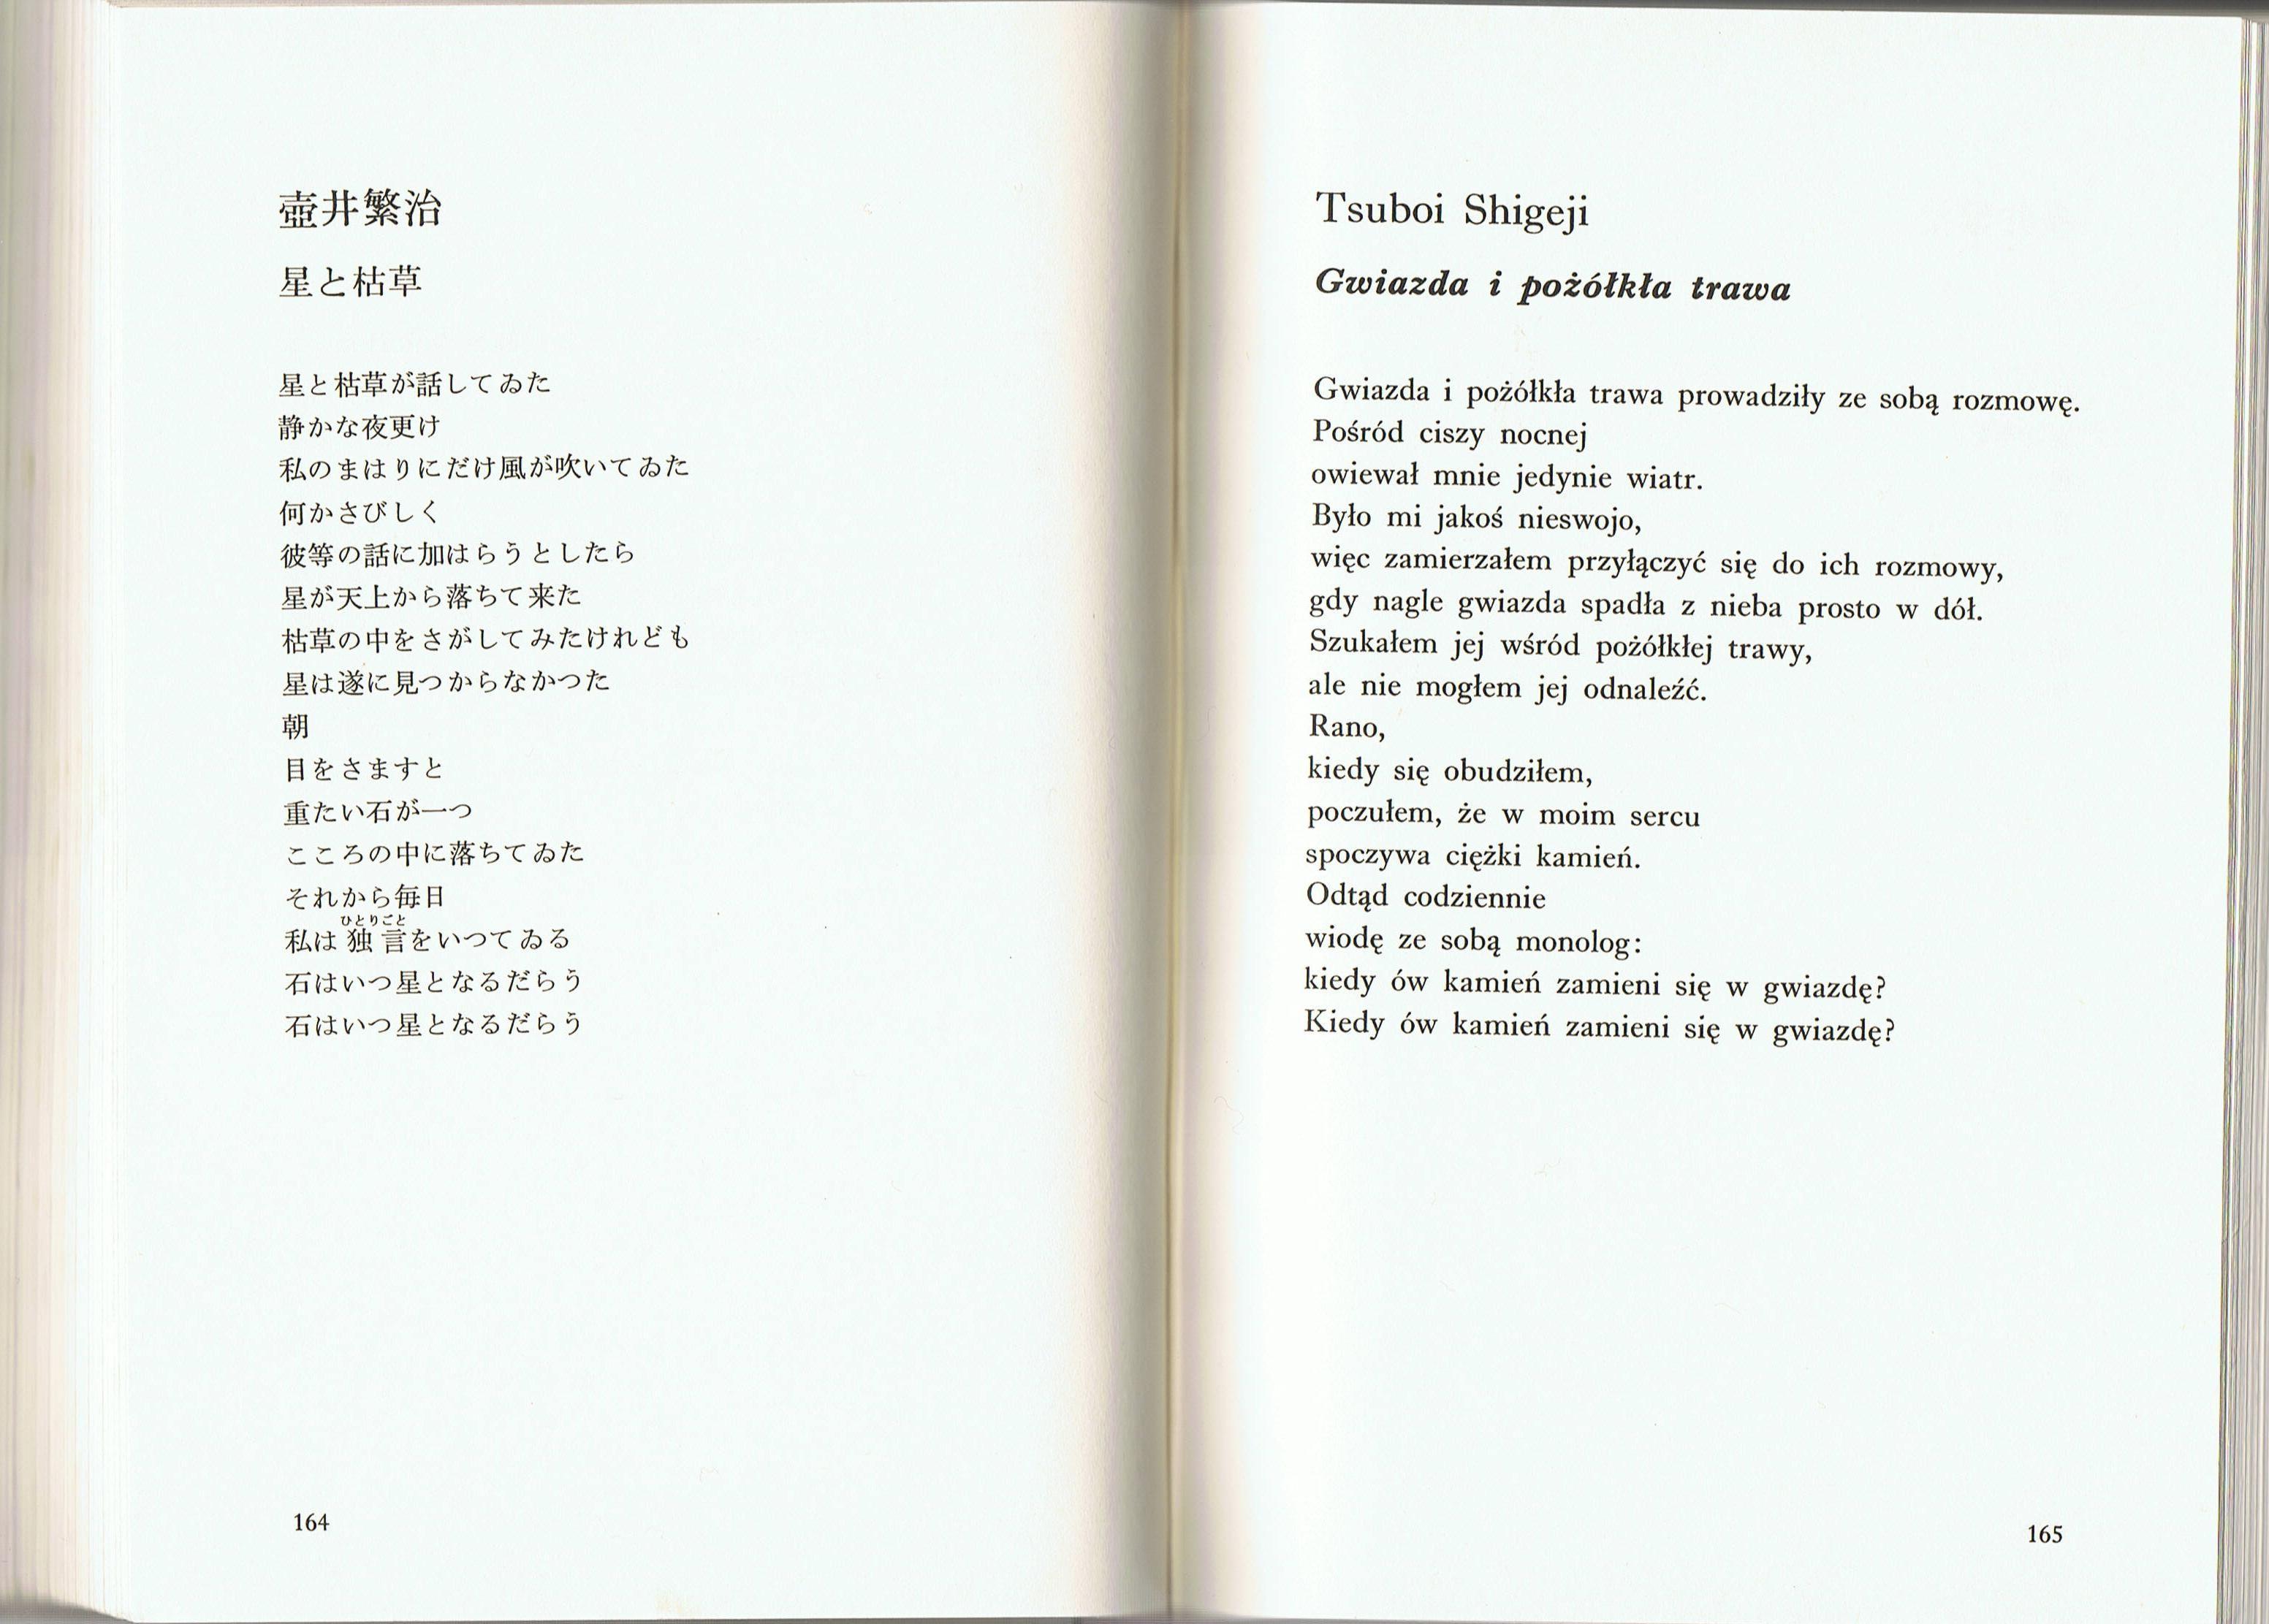 Japońskie Wiersze O śmierci Szukaj W Google Wiersze